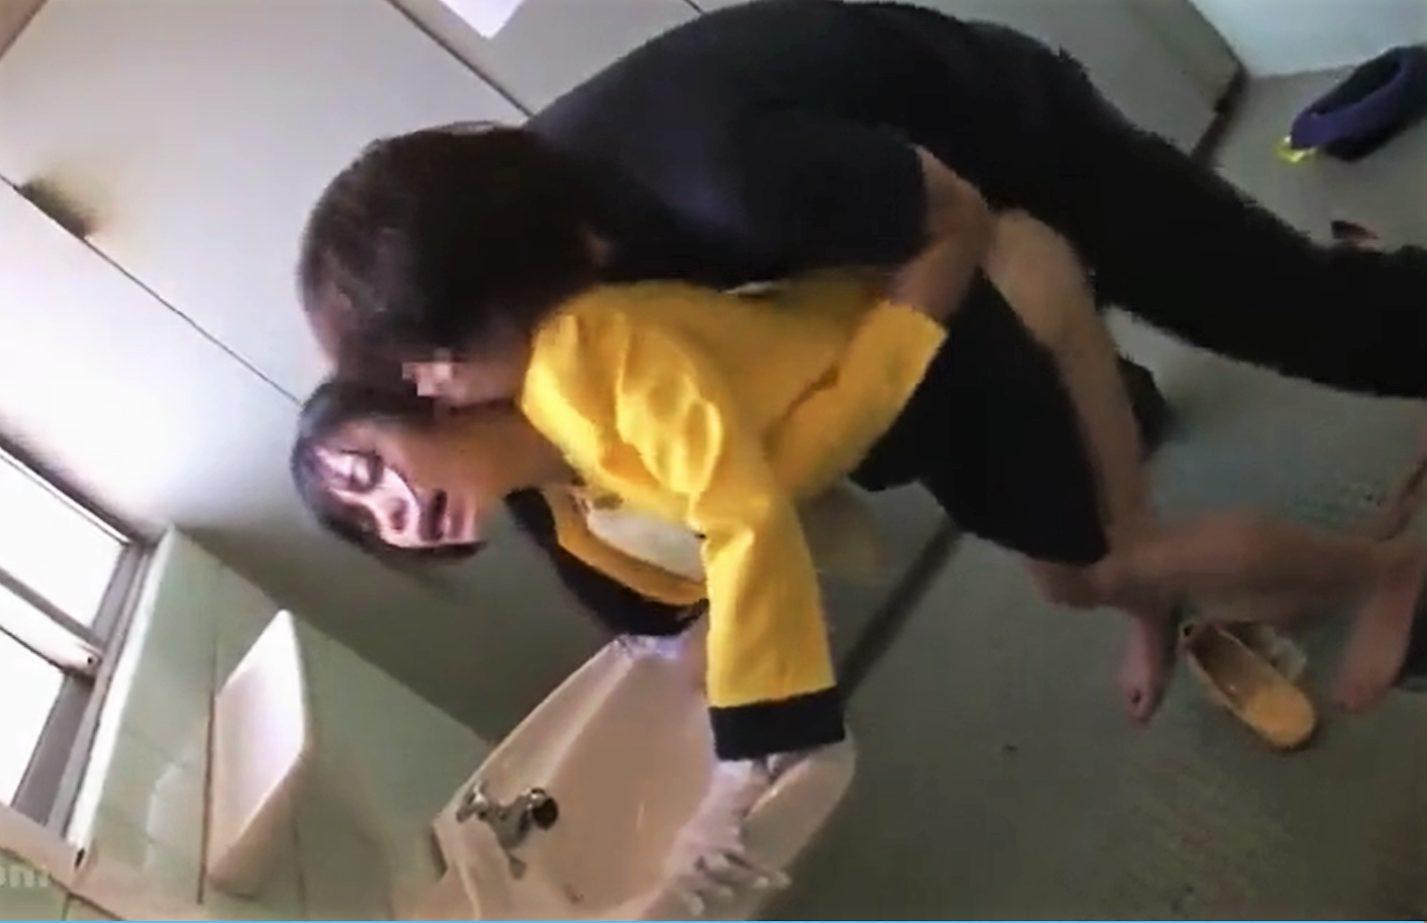 【※レイプ※】バスガイドを狙う痴漢男!トイレに連れ込み制服のまま激しく犯し尽す…!